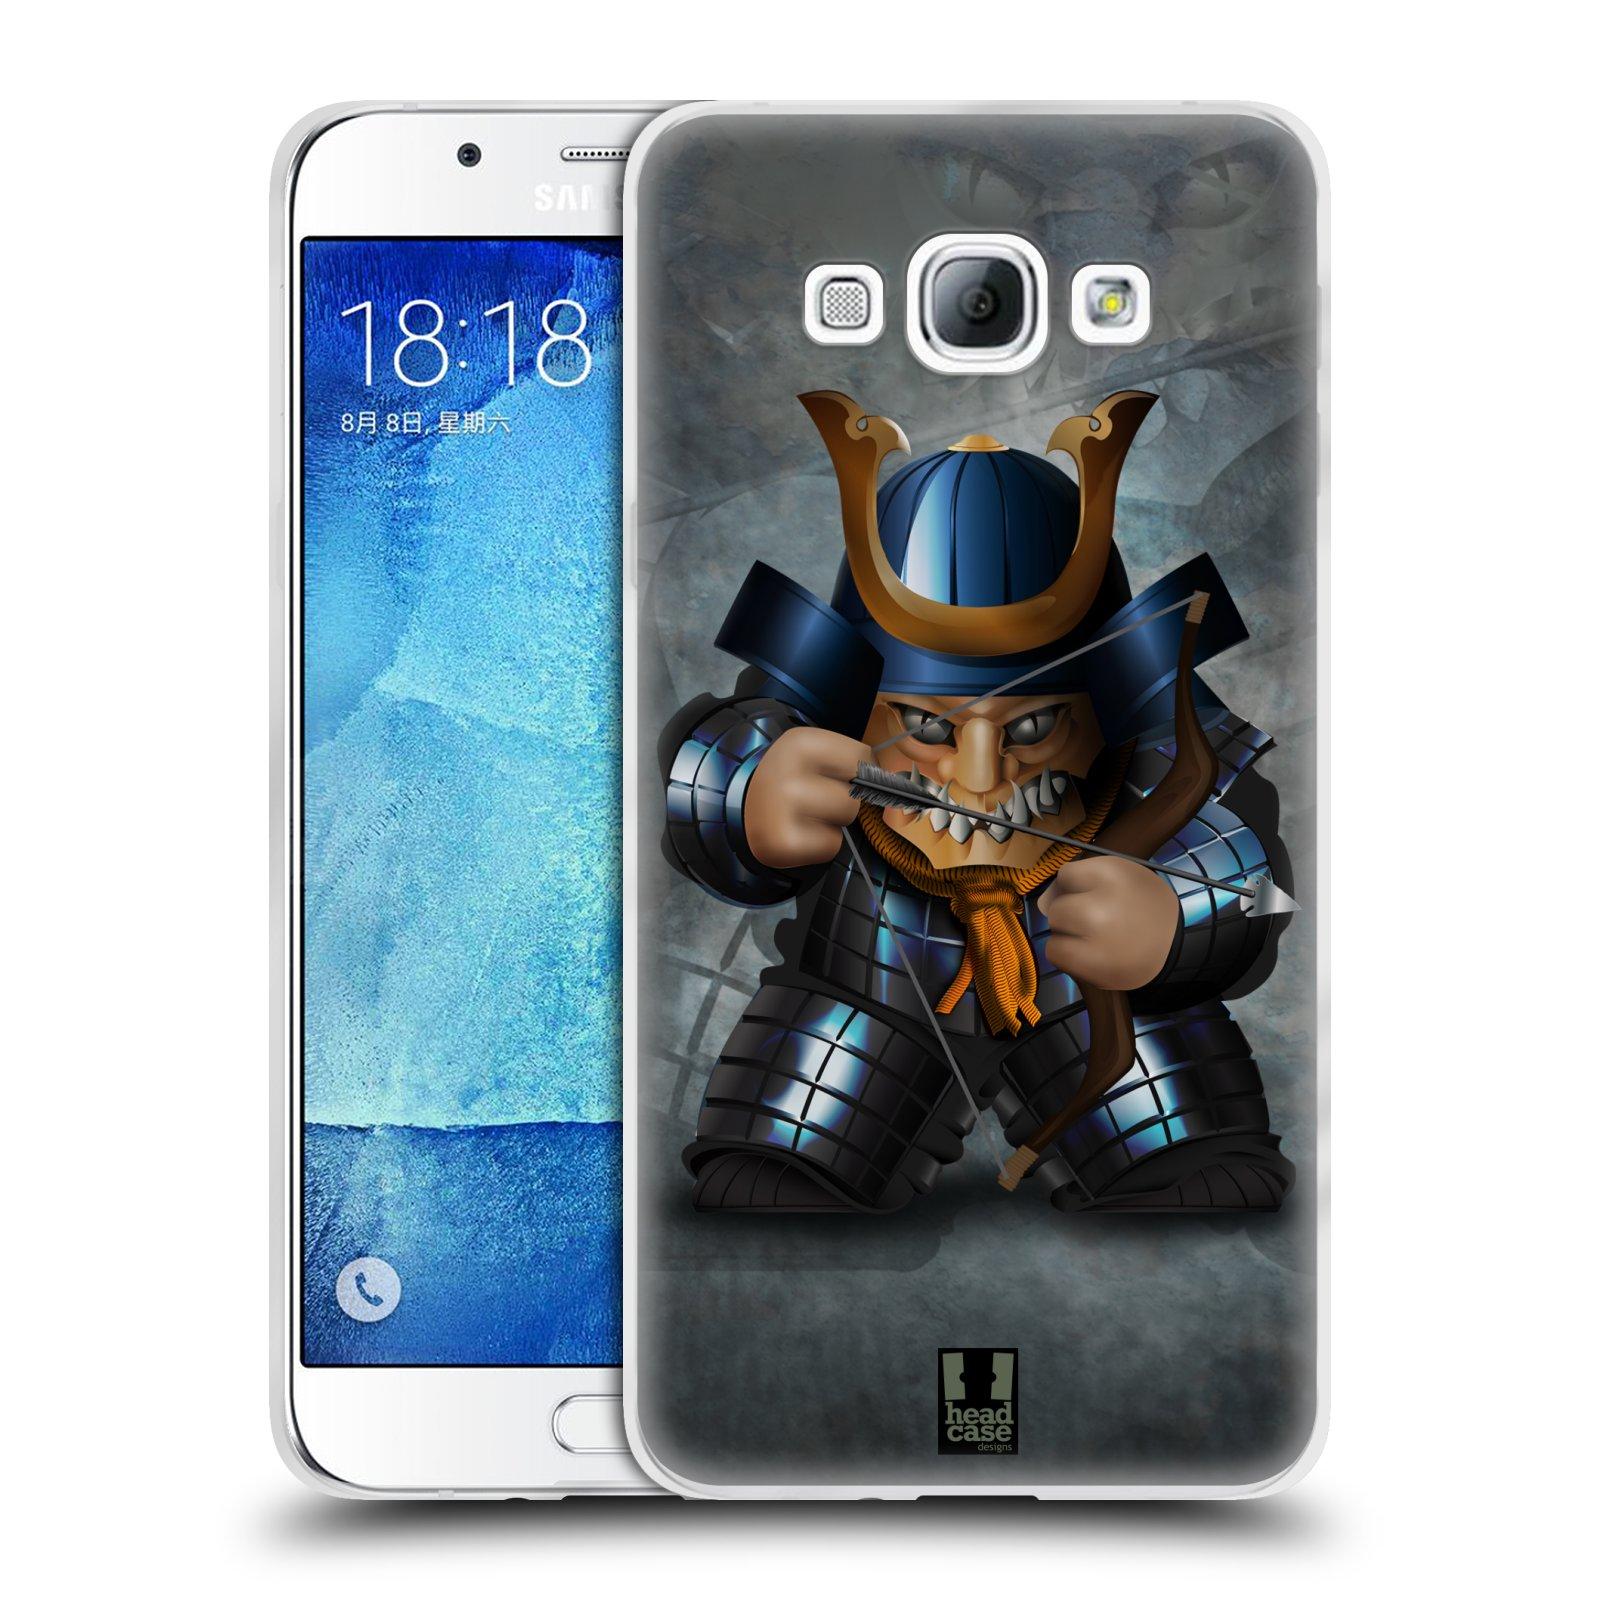 HEAD CASE silikonový obal na mobil Samsung Galaxy A8 vzor Malí bojovníci SHOGUN STŘELEC